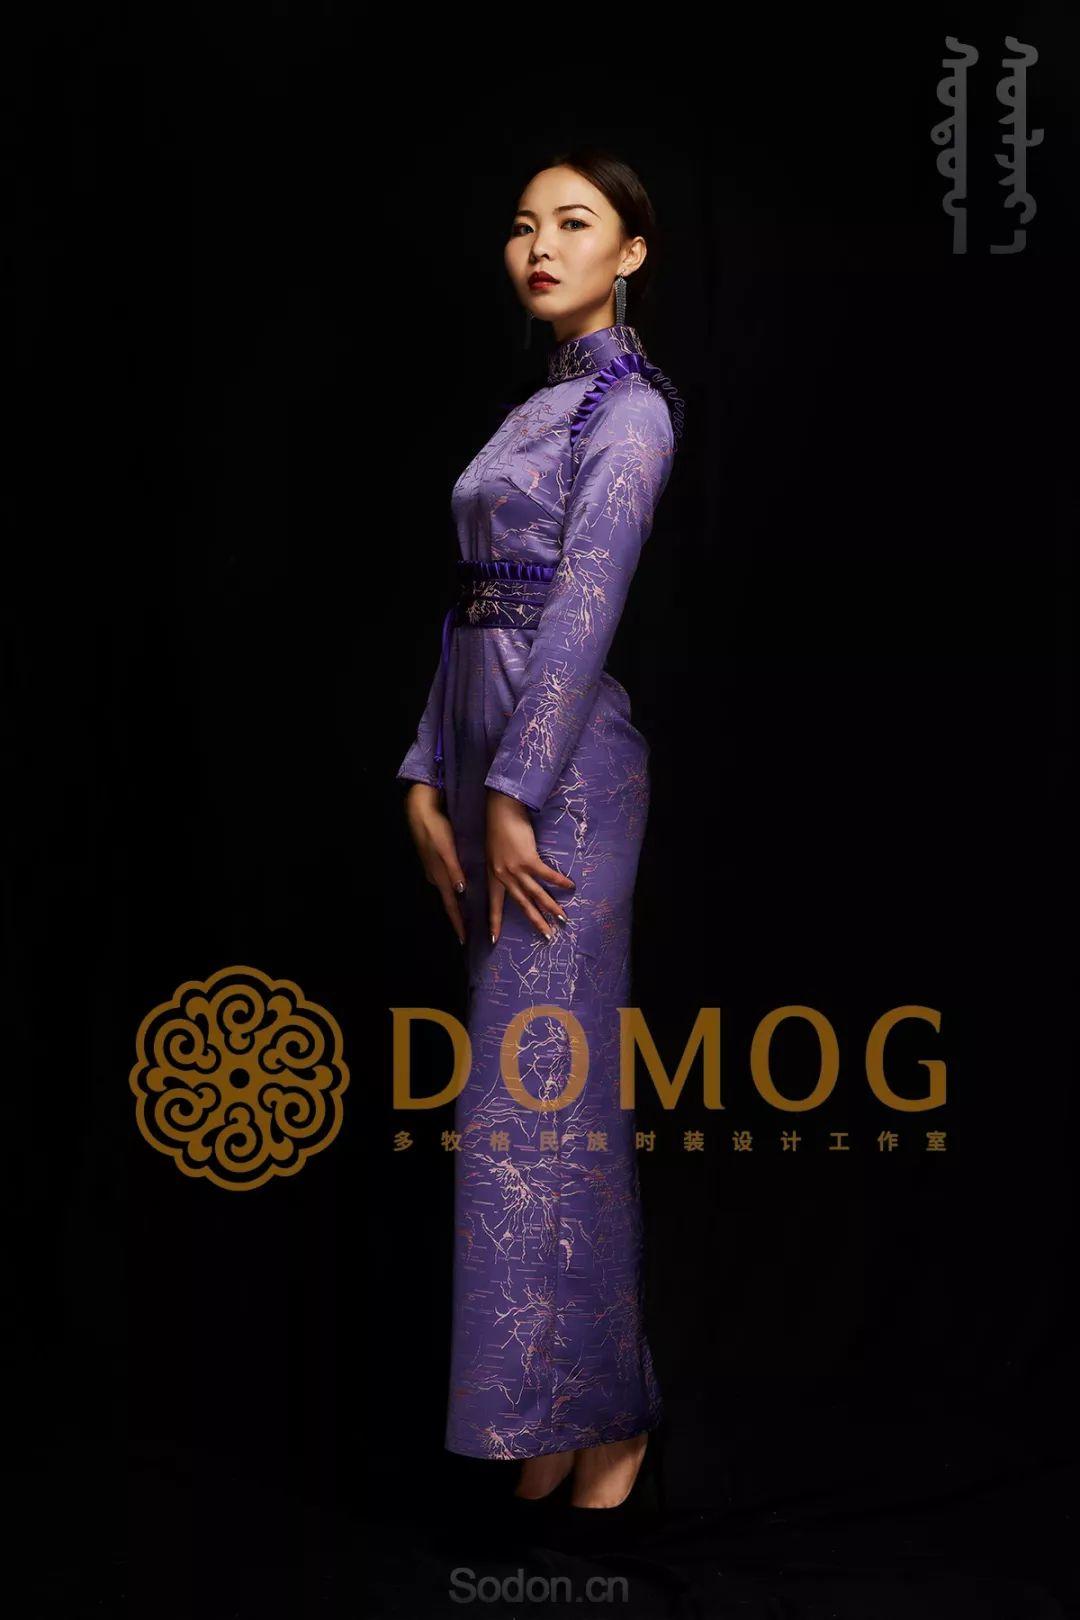 DOMOG蒙古时装绝美秋冬款系列,美出新高度! 第17张